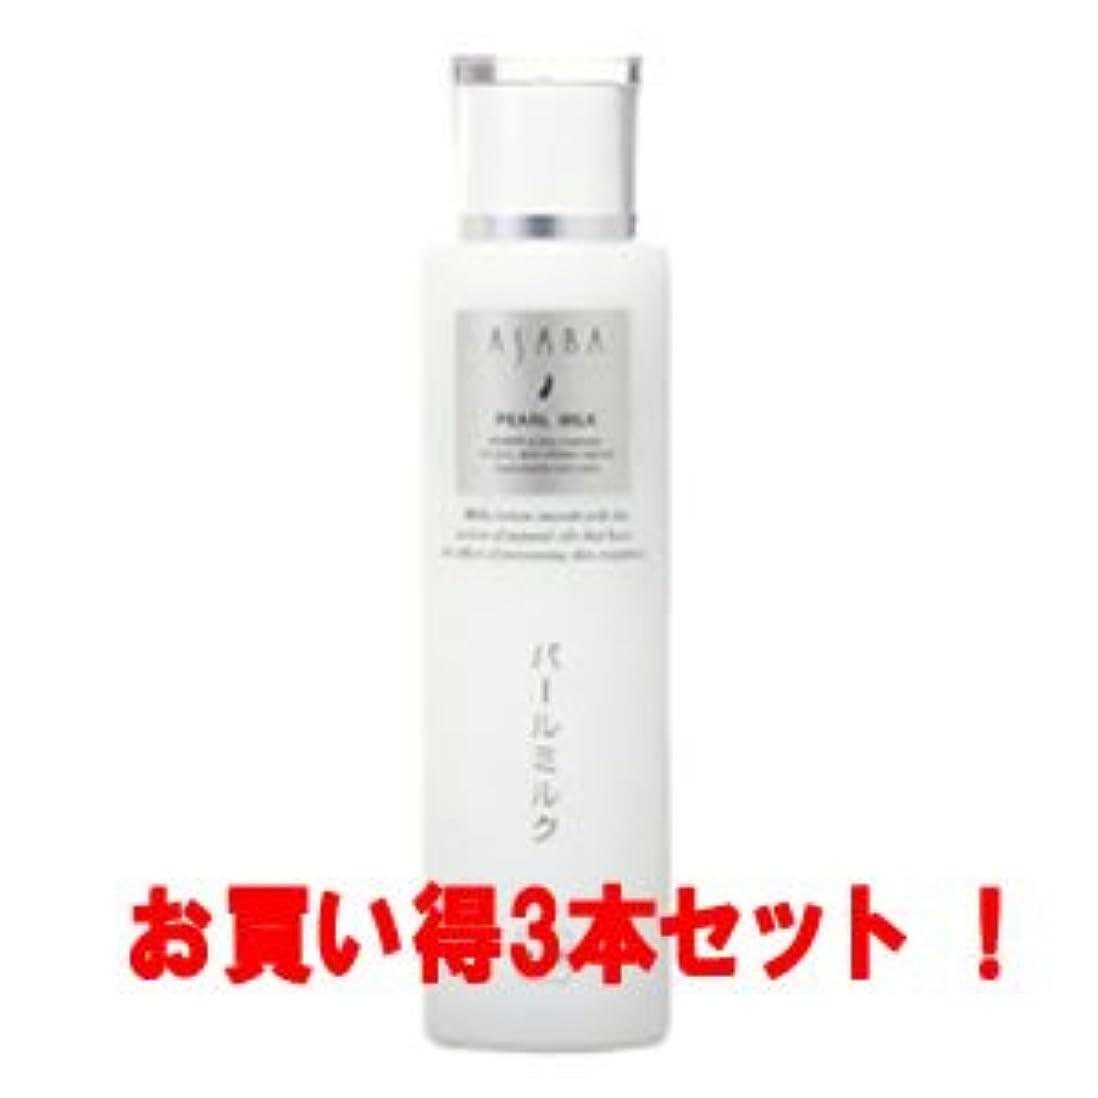 吸うラベ注文(アサバ化粧品)アサバ パールミルク100ml(お買い得3本セット)